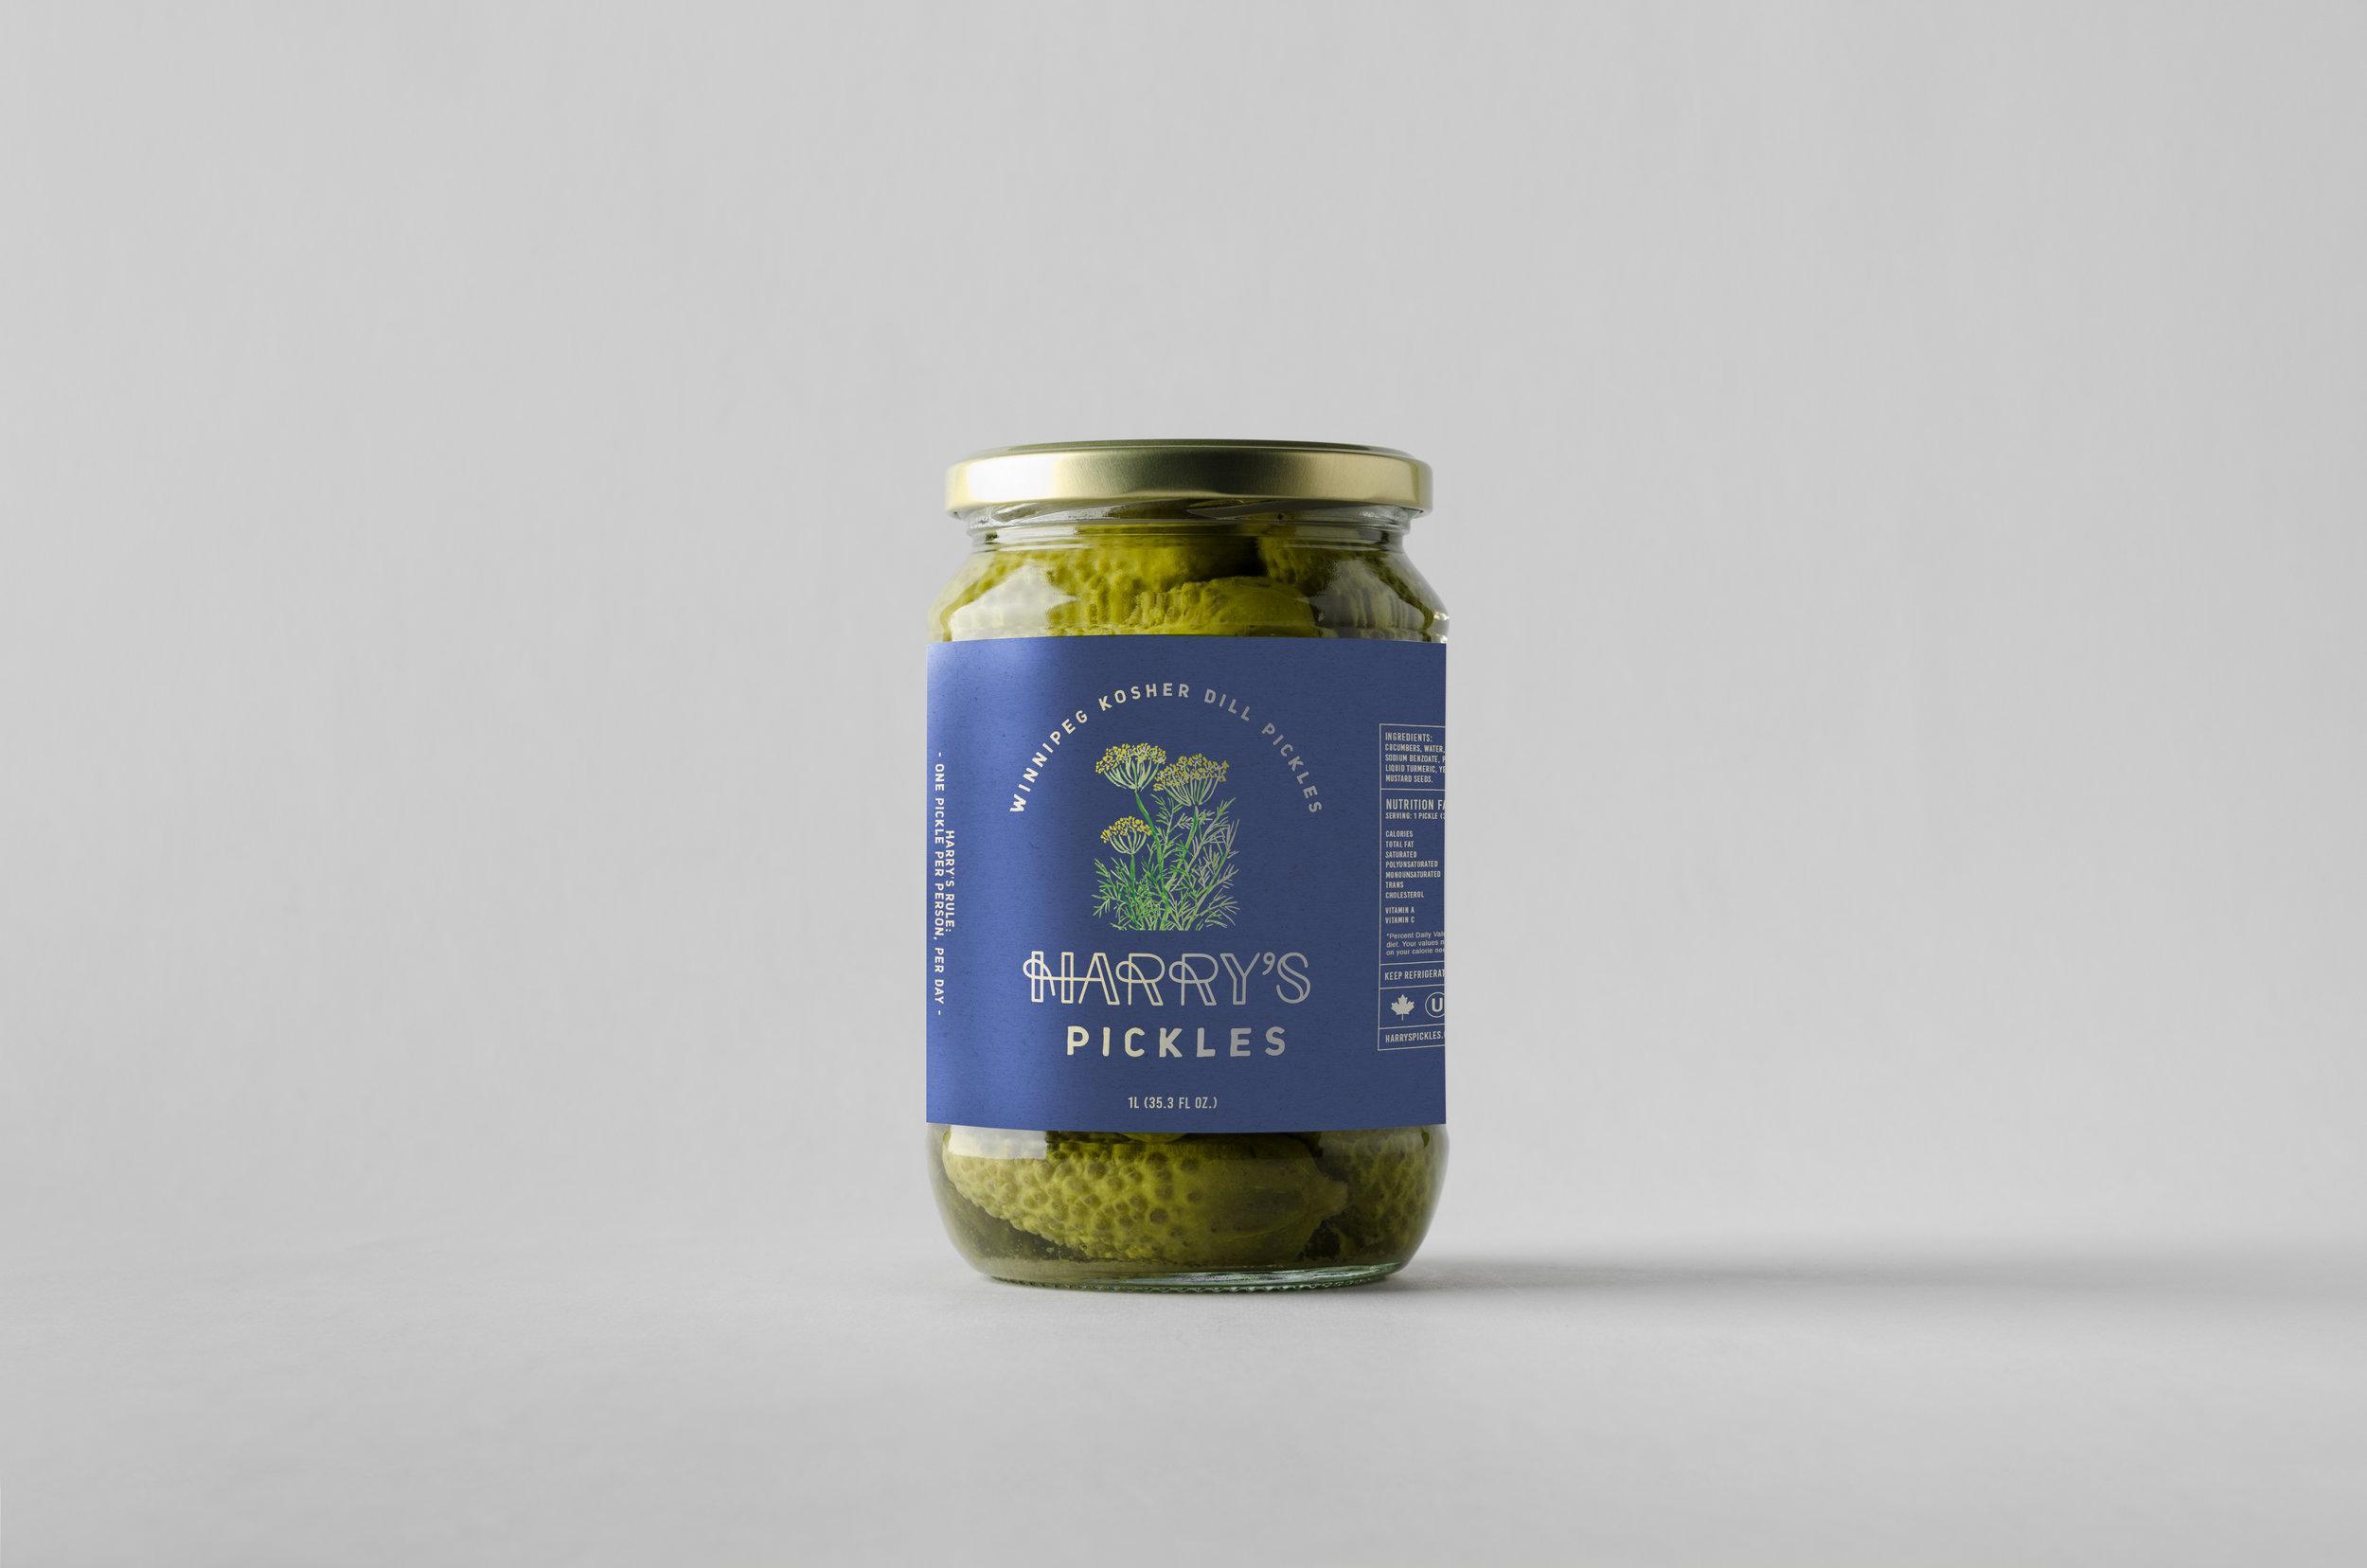 Harry's-Pickles-Jar.jpg